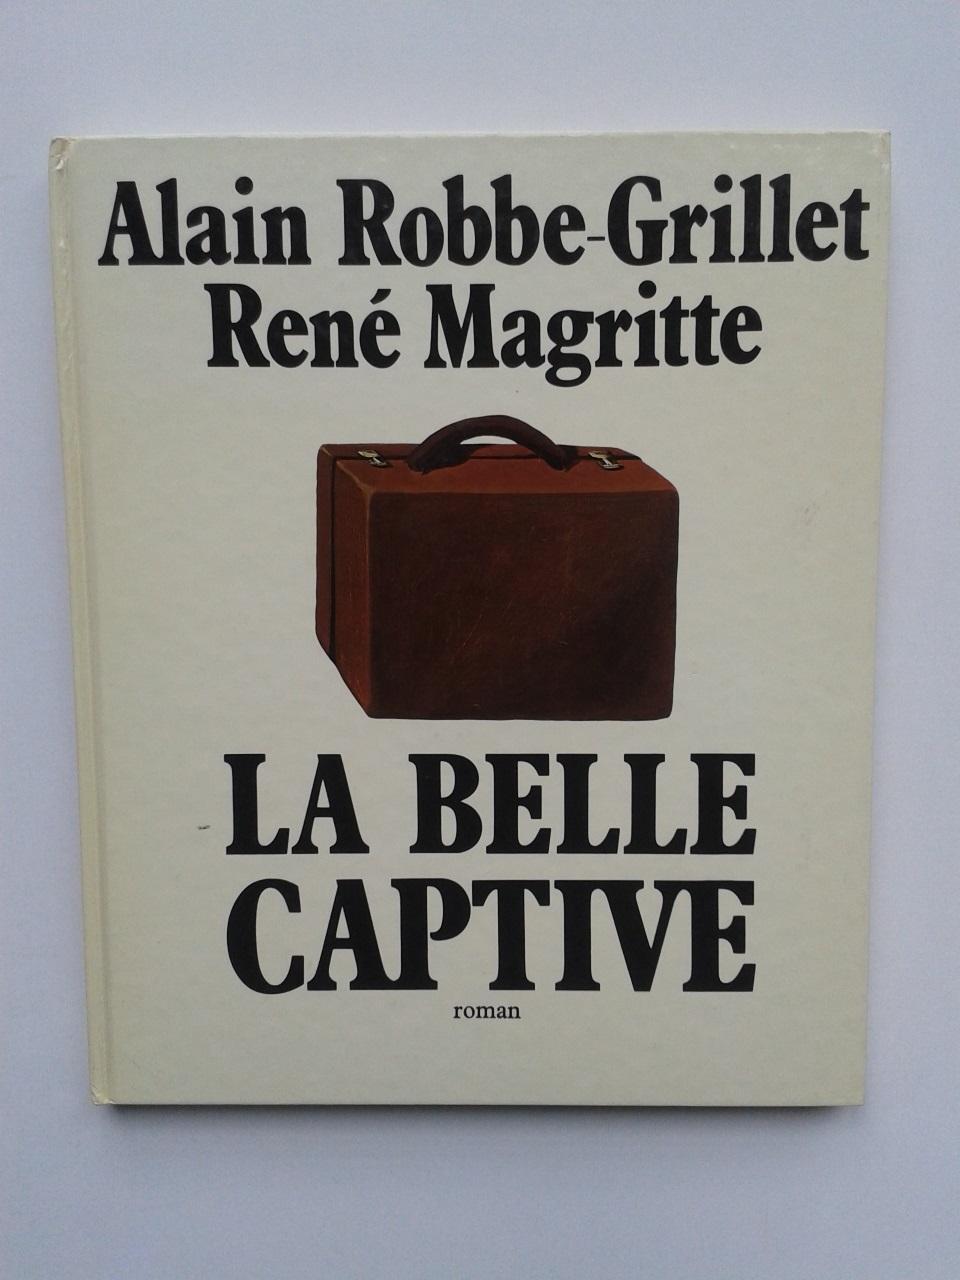 La Belle Captive [ ENVOI de l' Auteur ] ROBBE-GRILLET Alain / MAGRITTE René Fine Hardcover